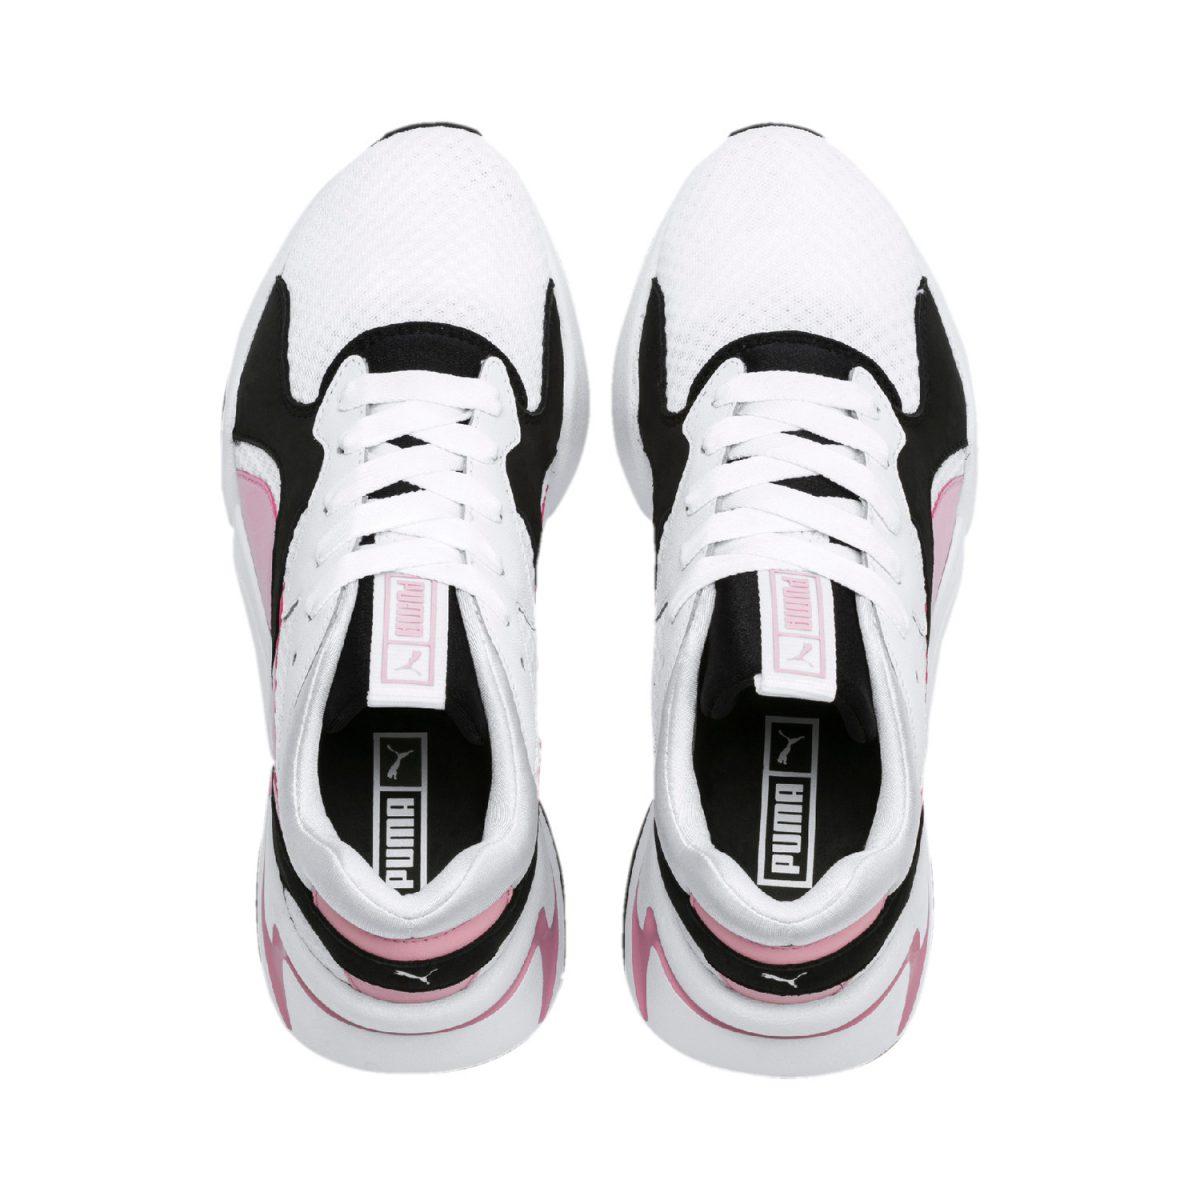 puma nova sneaker no brasil 12 - NOVA: O tênis da PUMA para mulheres com atitude